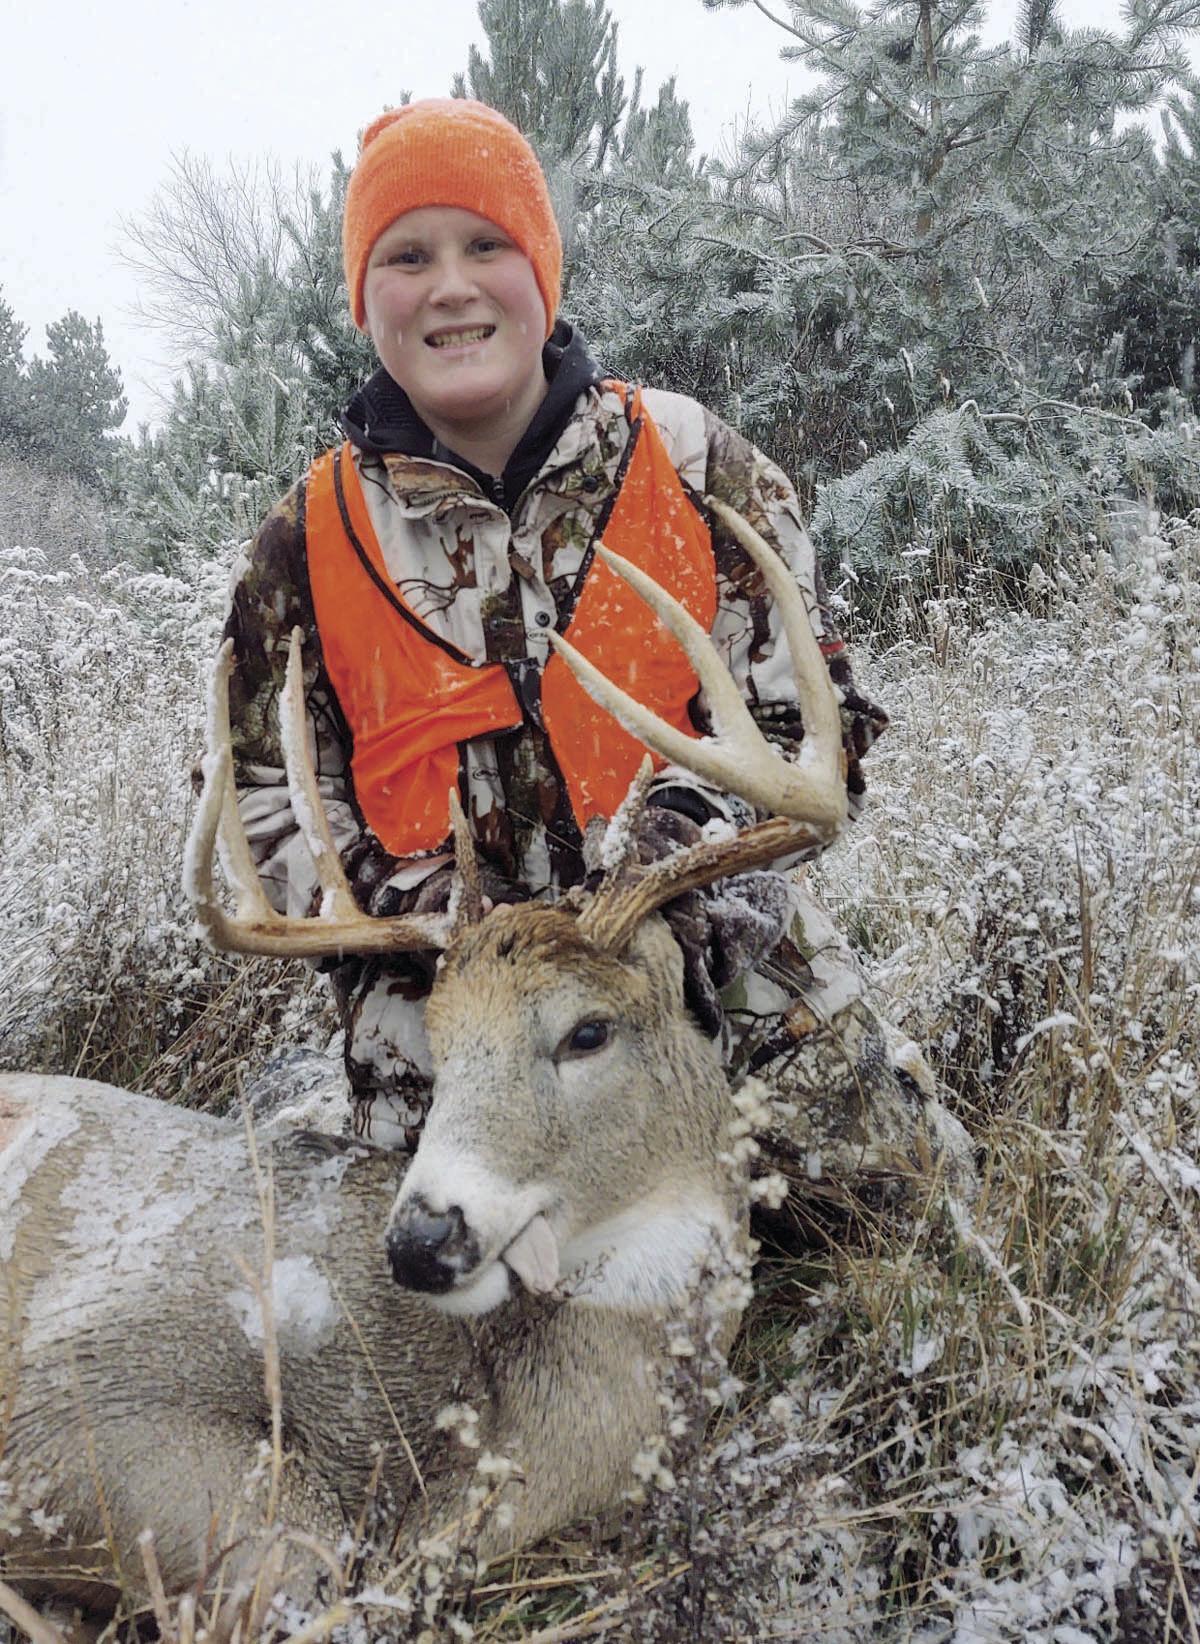 112120-ldn-outdoor-deer2.jpg